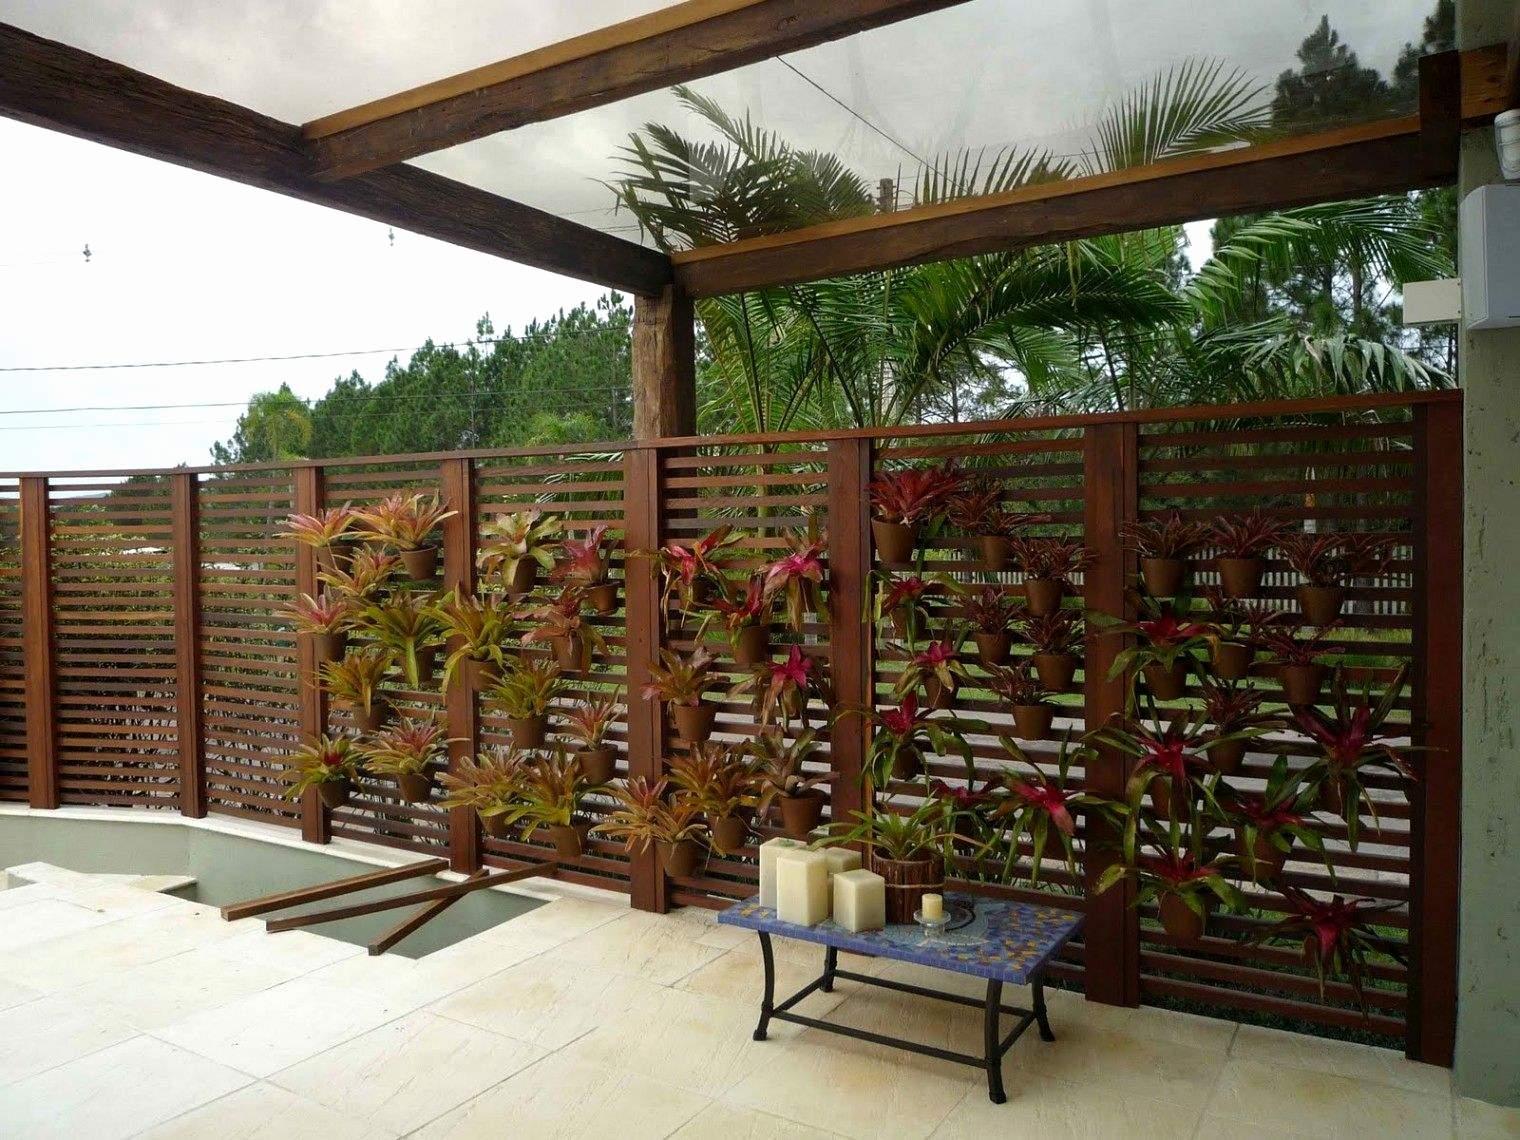 pergola selber bauen terrasse elegant pergola bauanleitung elegant terrassenuberdachungen selber bauen of pergola selber bauen terrasse